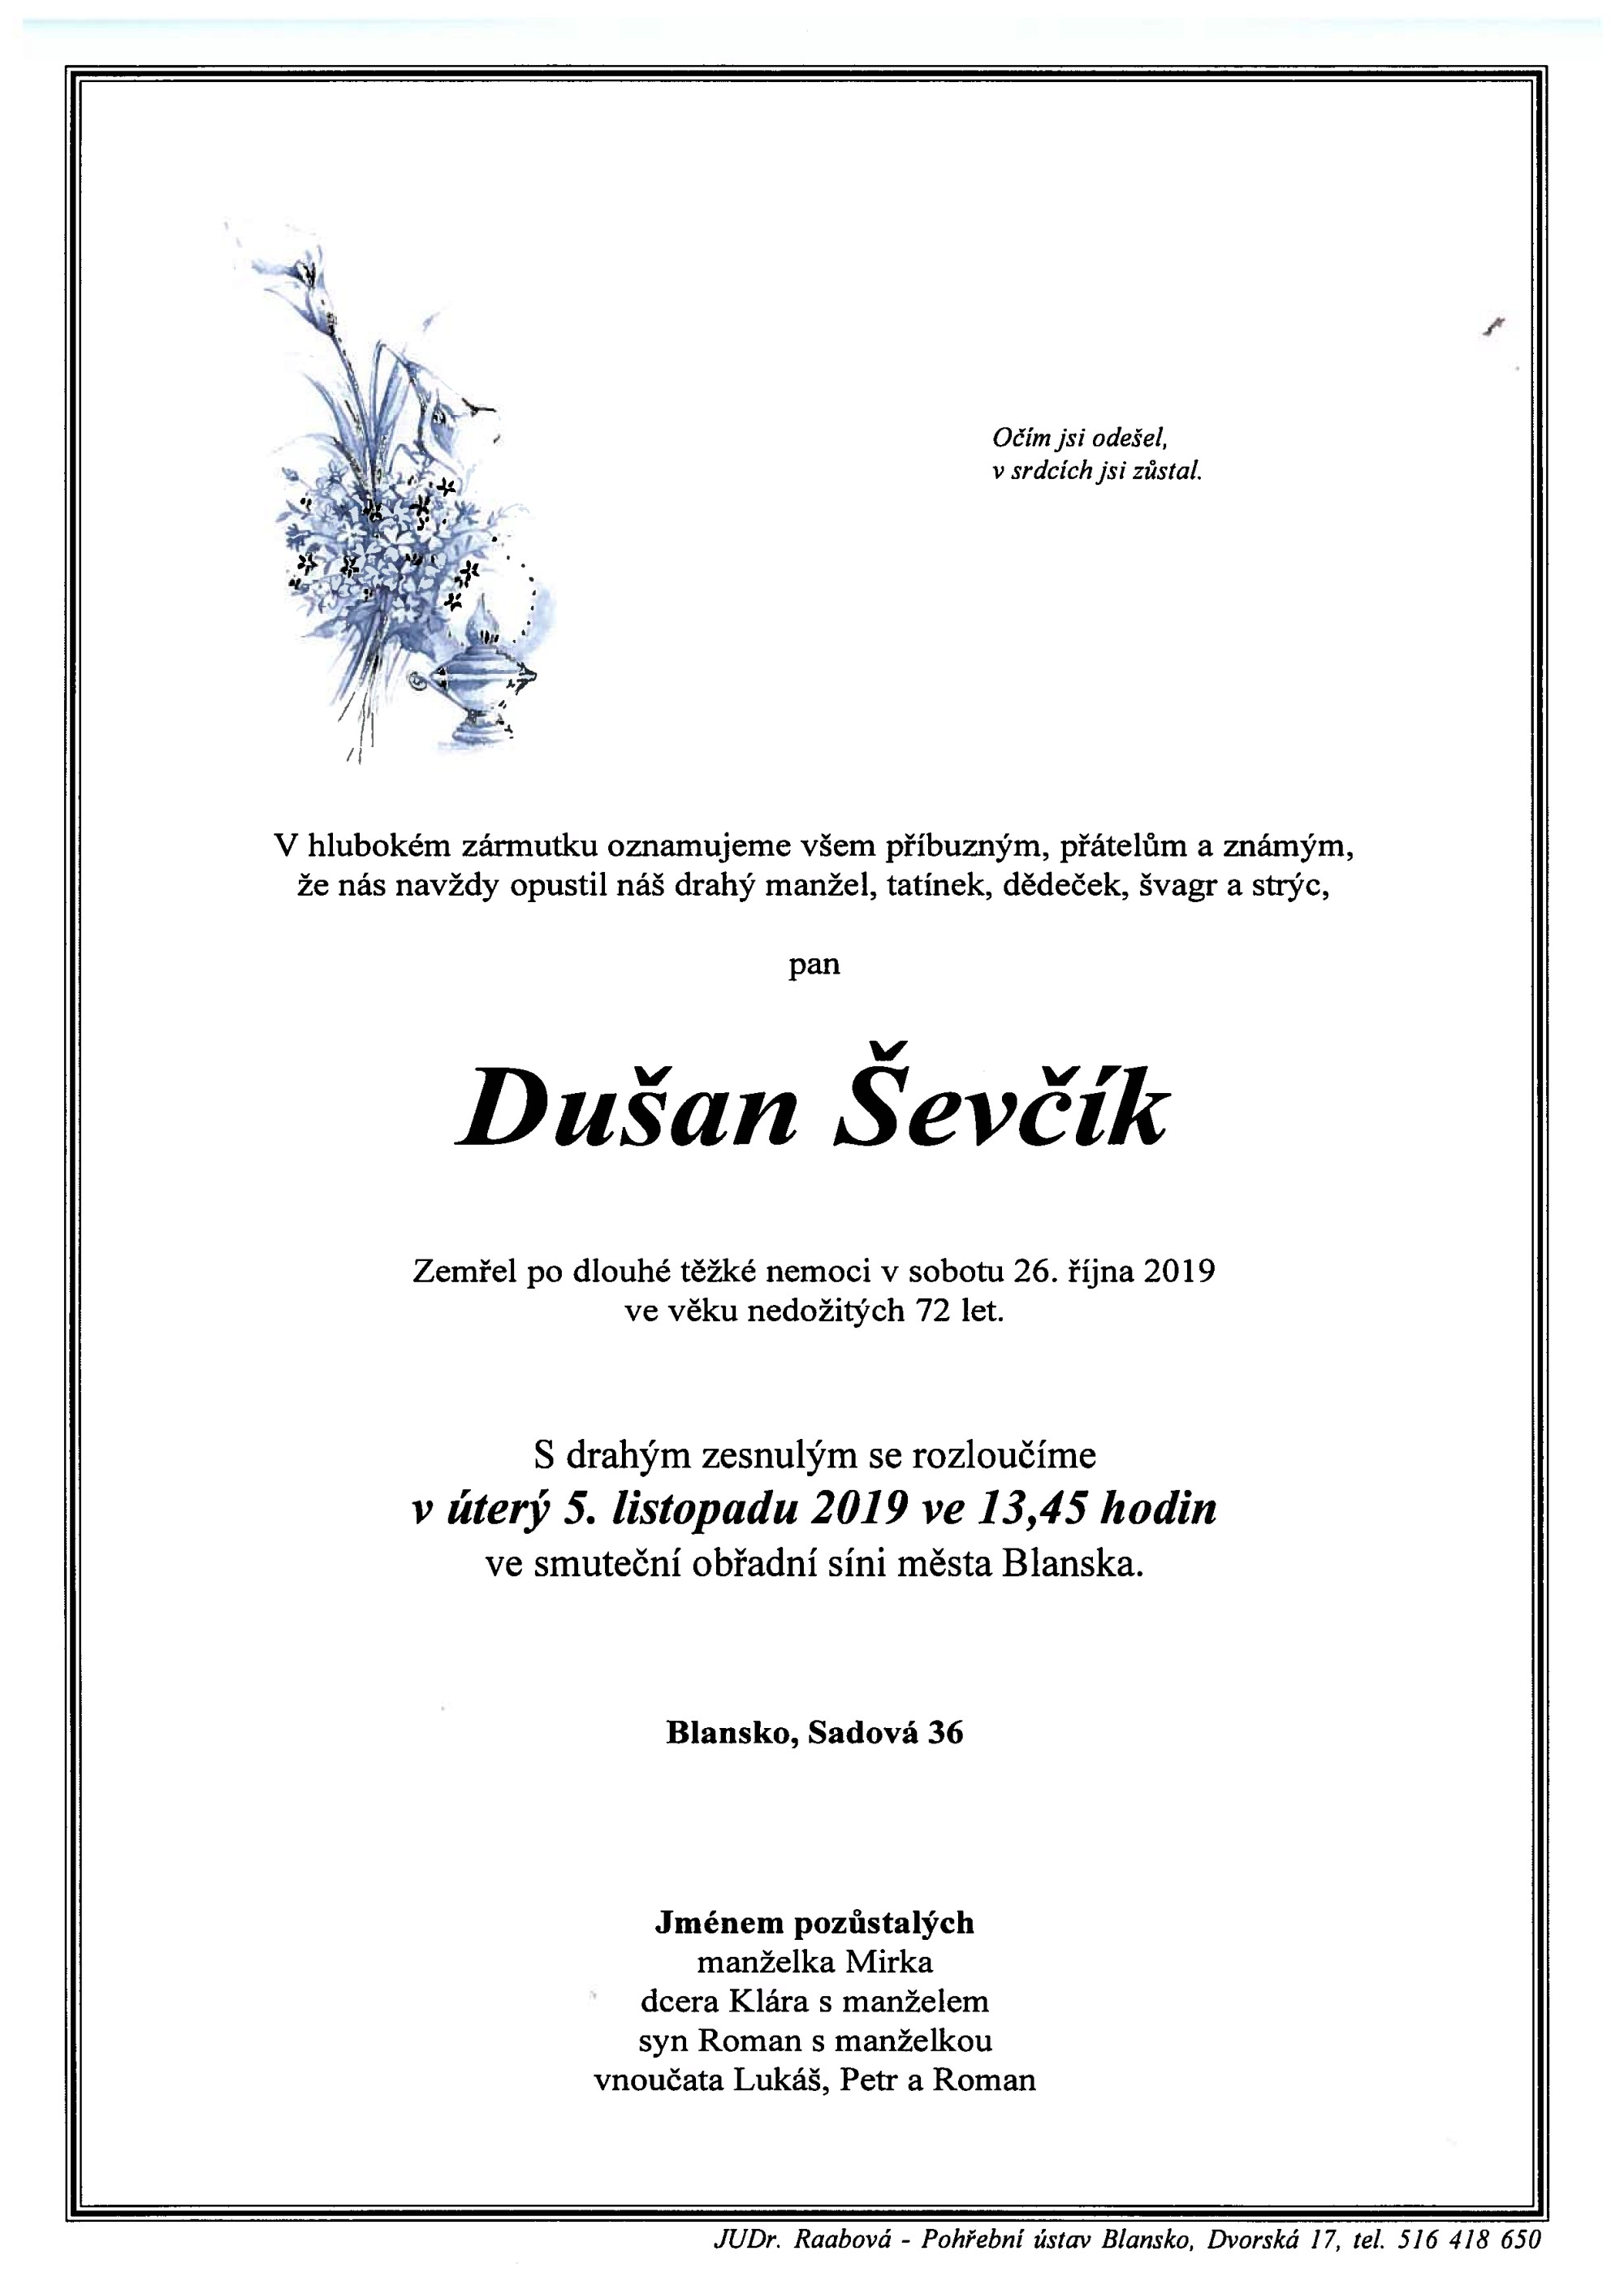 Dušan Ševčík